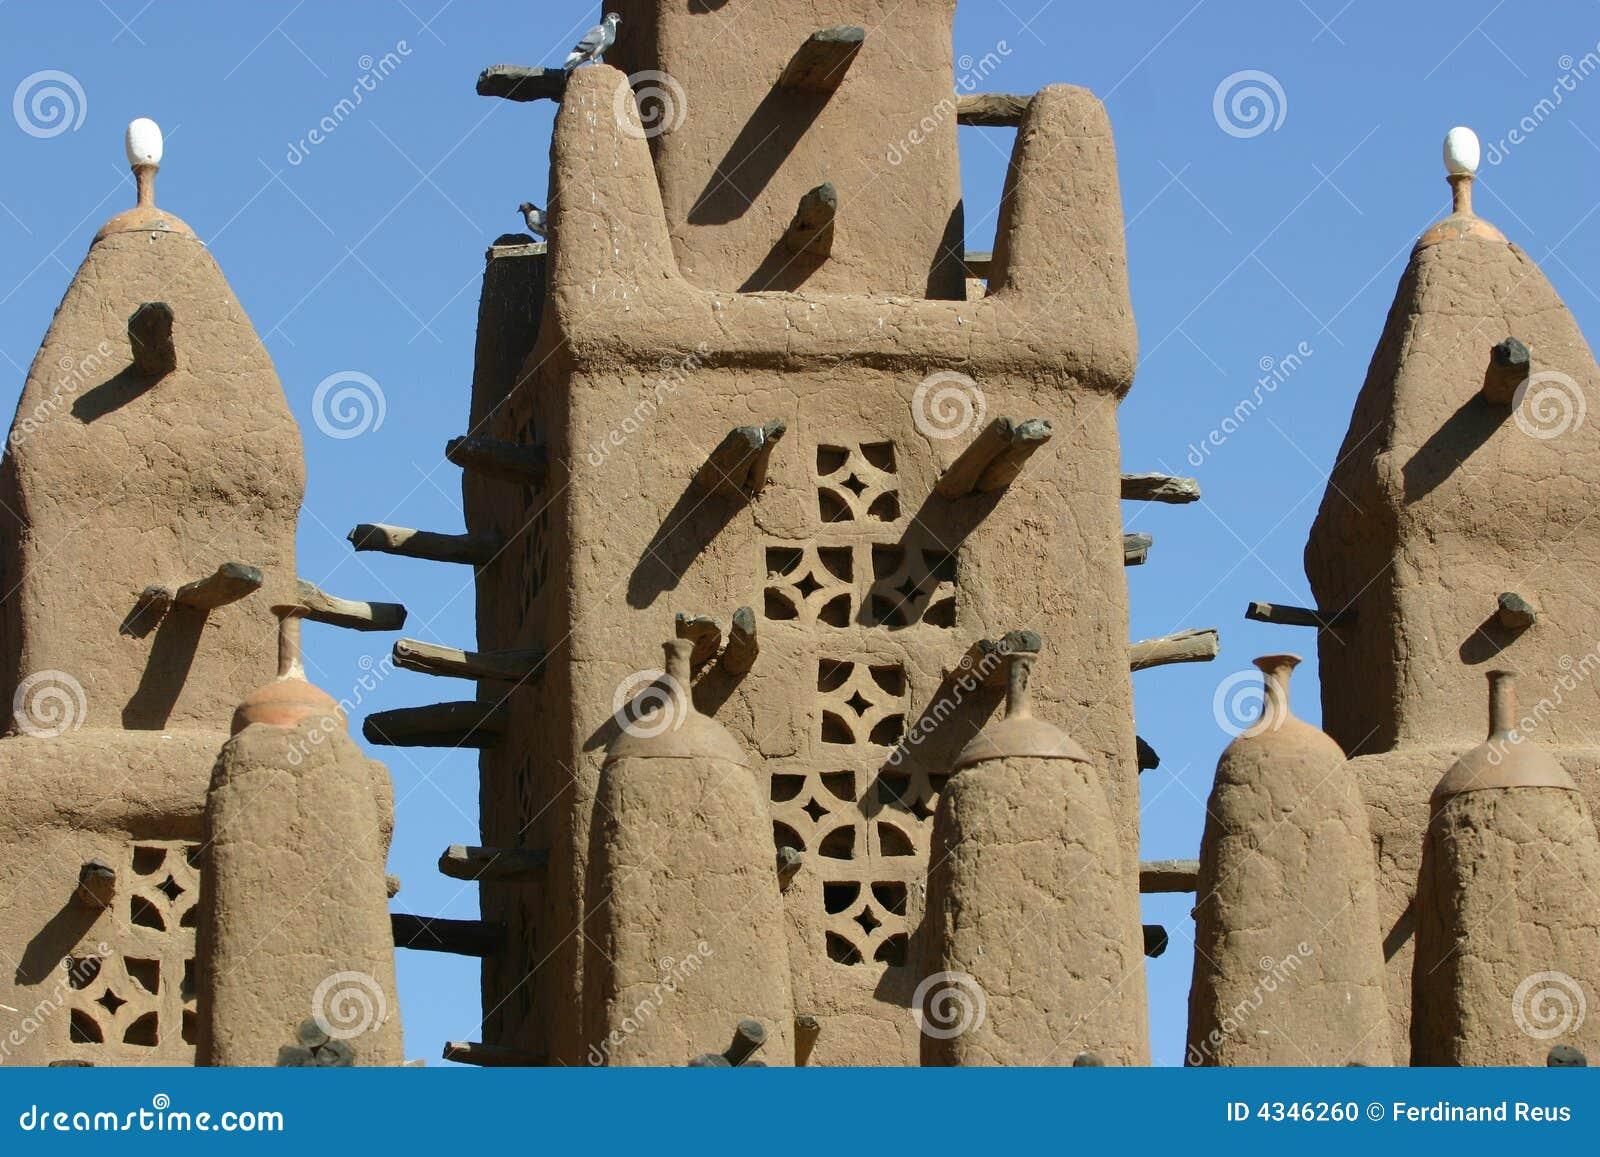 Minarett eines mosk gebildet vom Schlamm in Mali